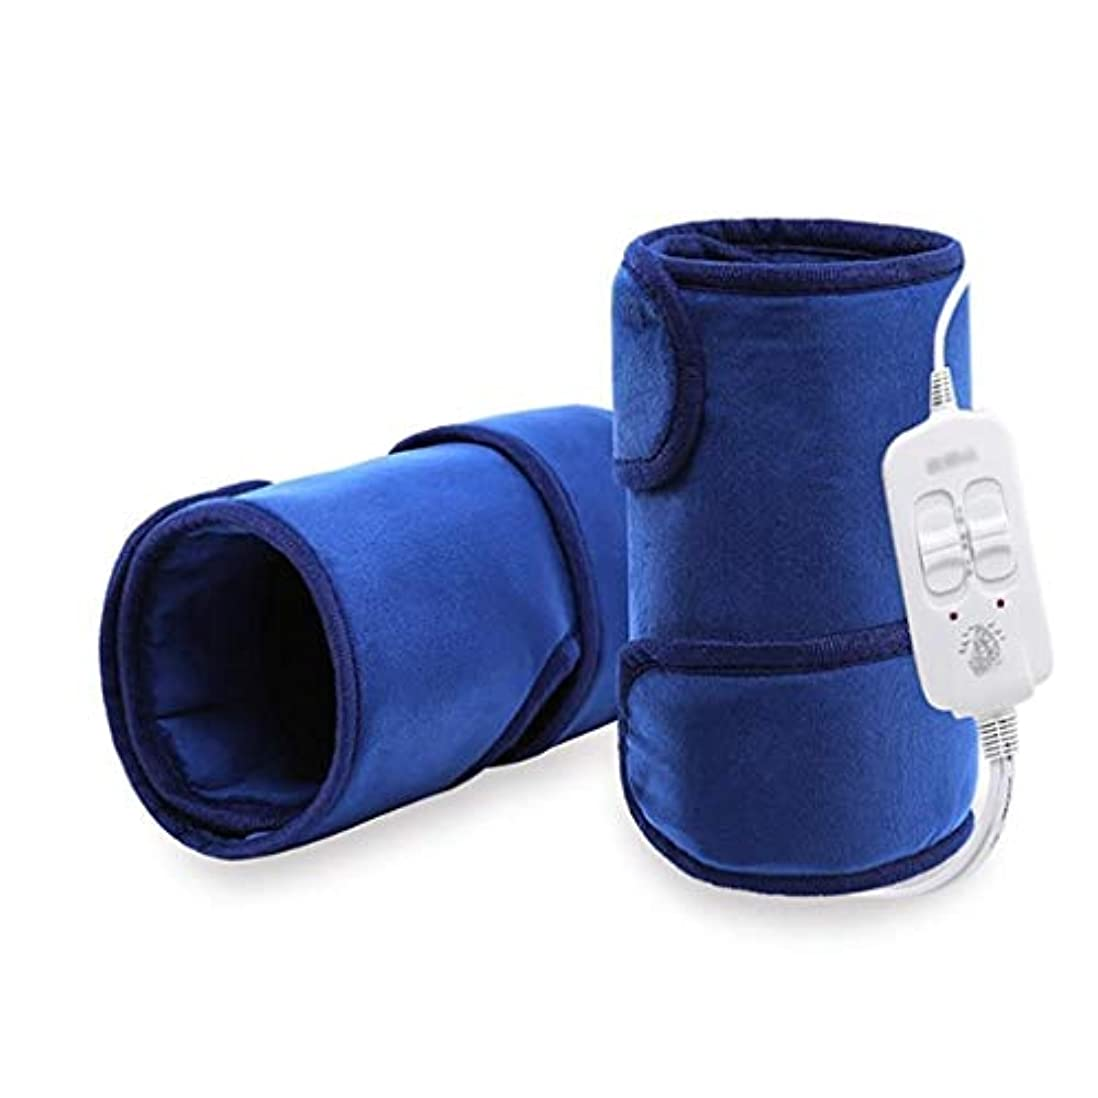 アーク襟マトンレッグケアマッサージャー、加熱膝パッド、脚Pad/温かい/温湿布/遠赤外線、血液循環を促進 (Color : 青)